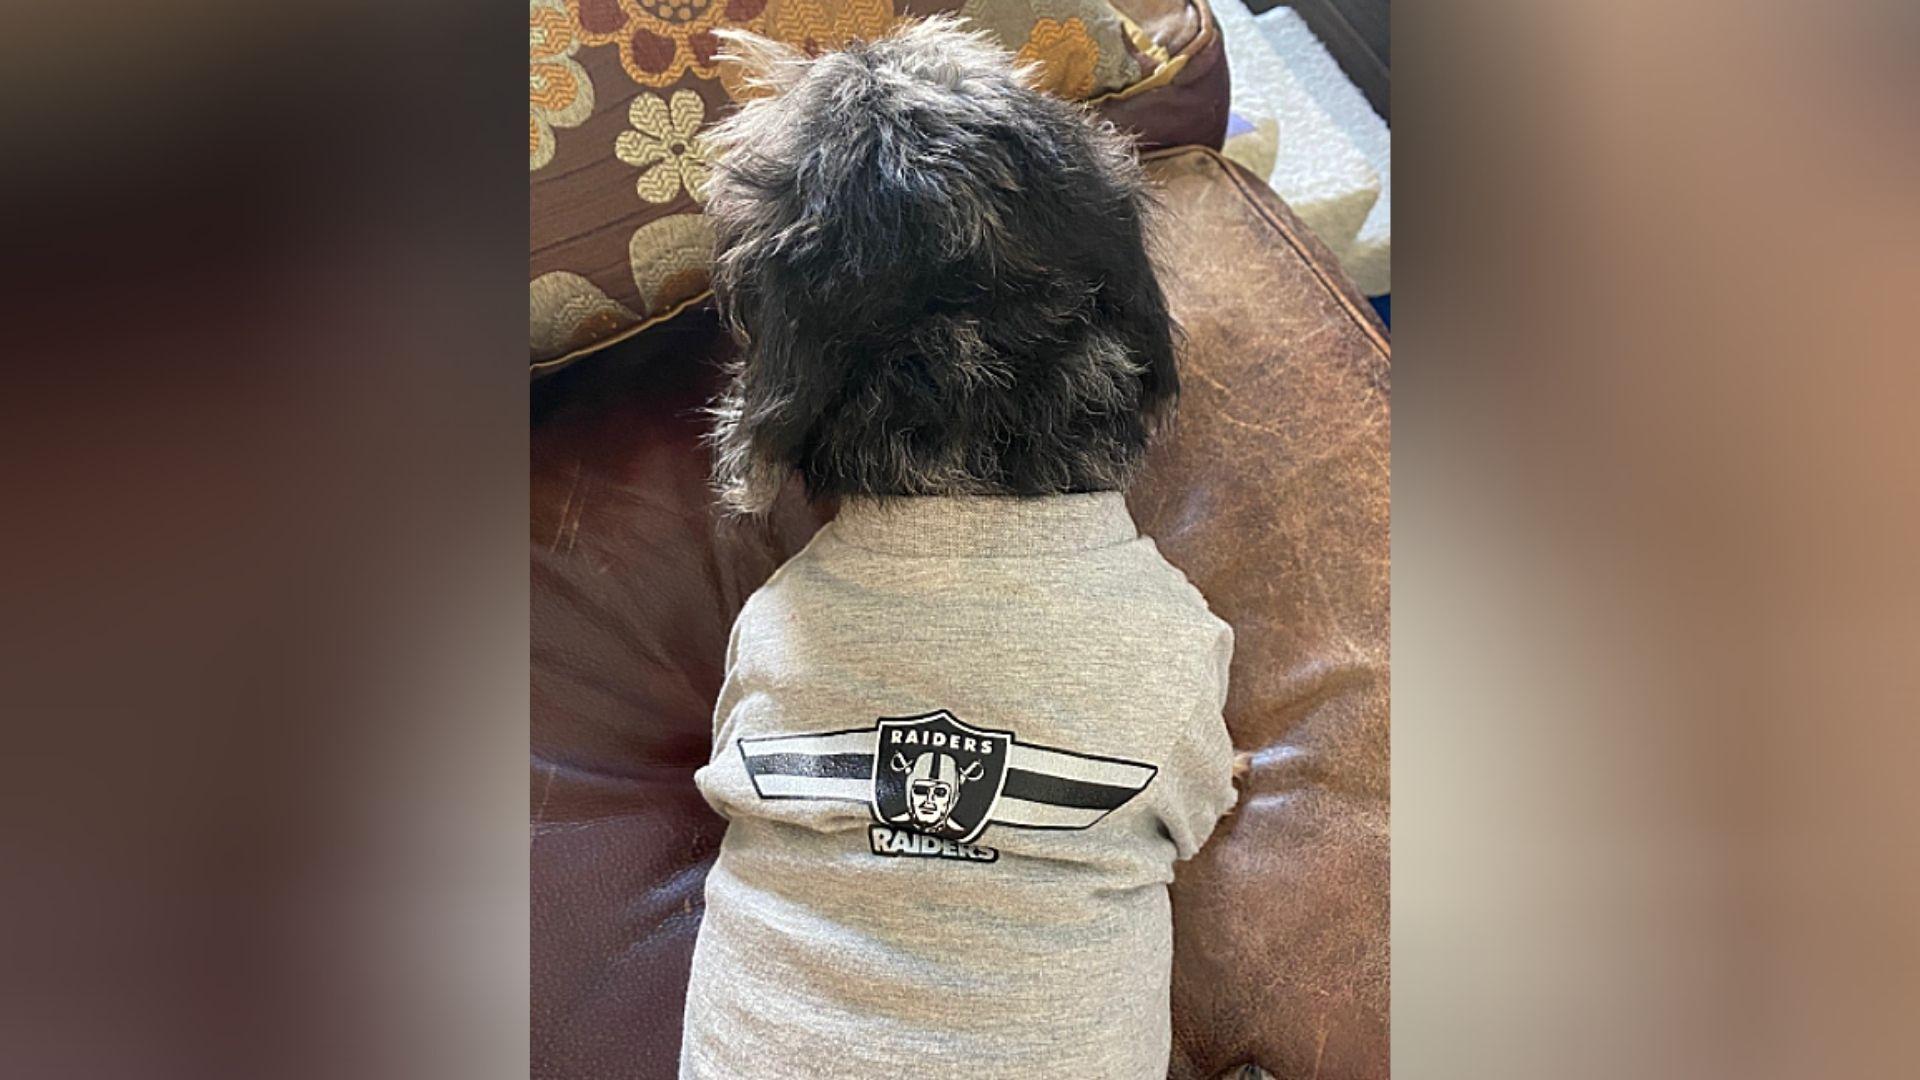 Raiders fans - Susan Hilgers.jpg